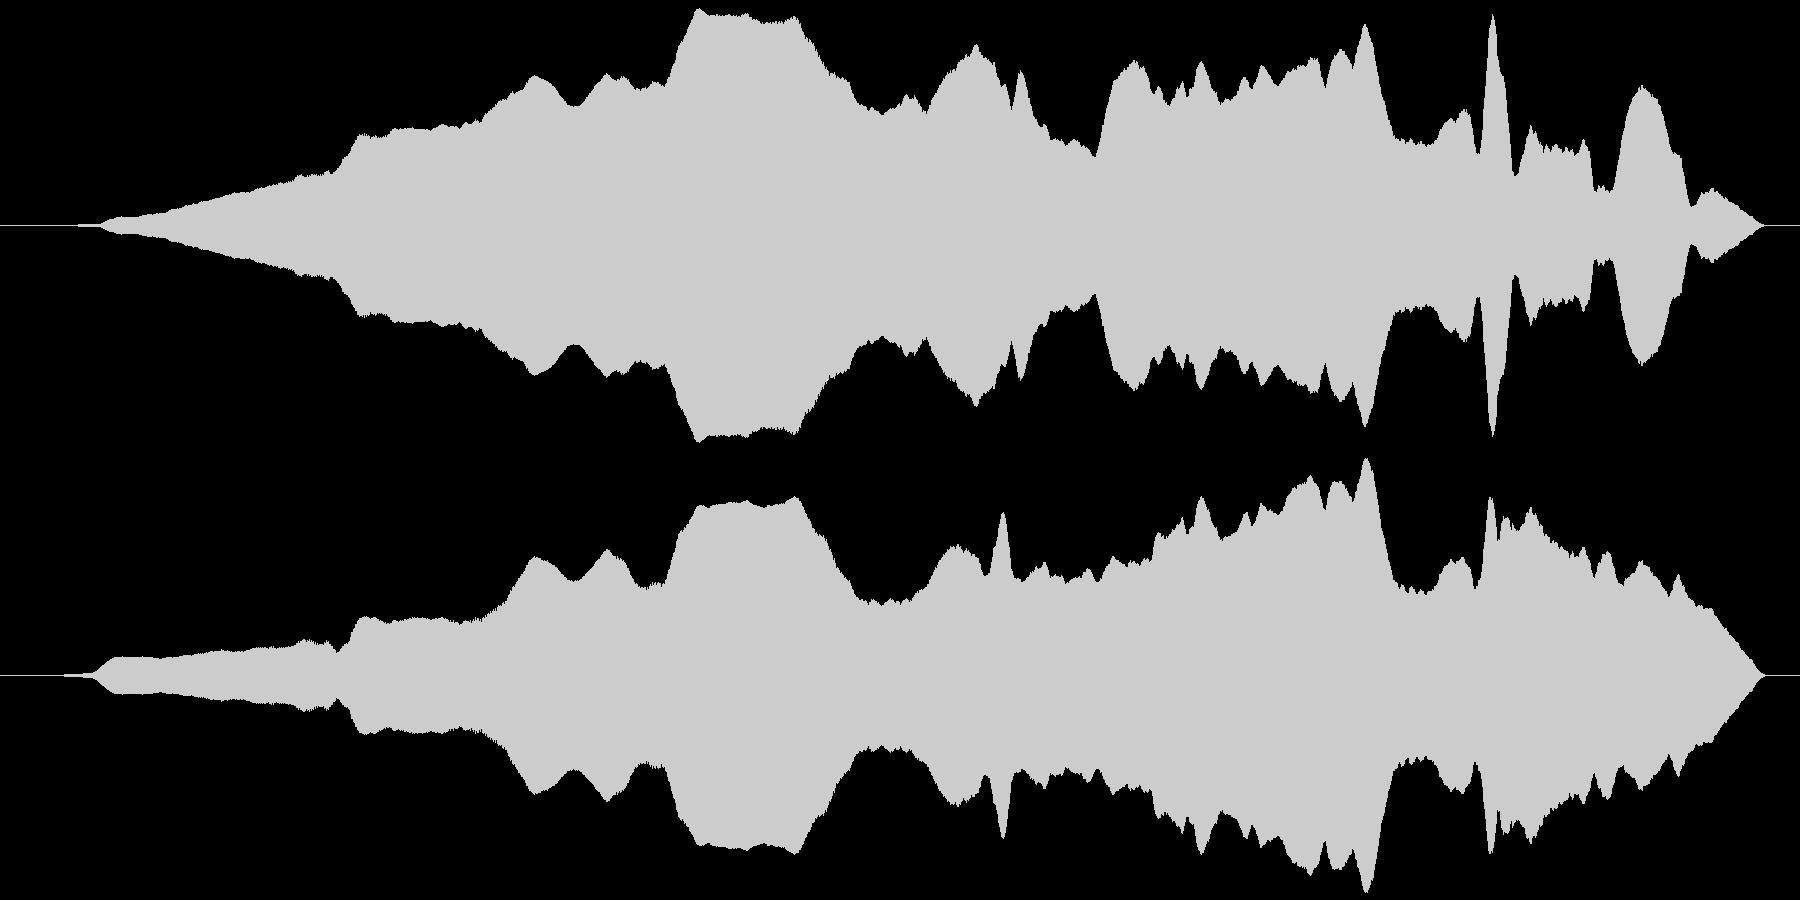 うねる風 オノマトペ(遅上昇)ヒヨヒヨ…の未再生の波形